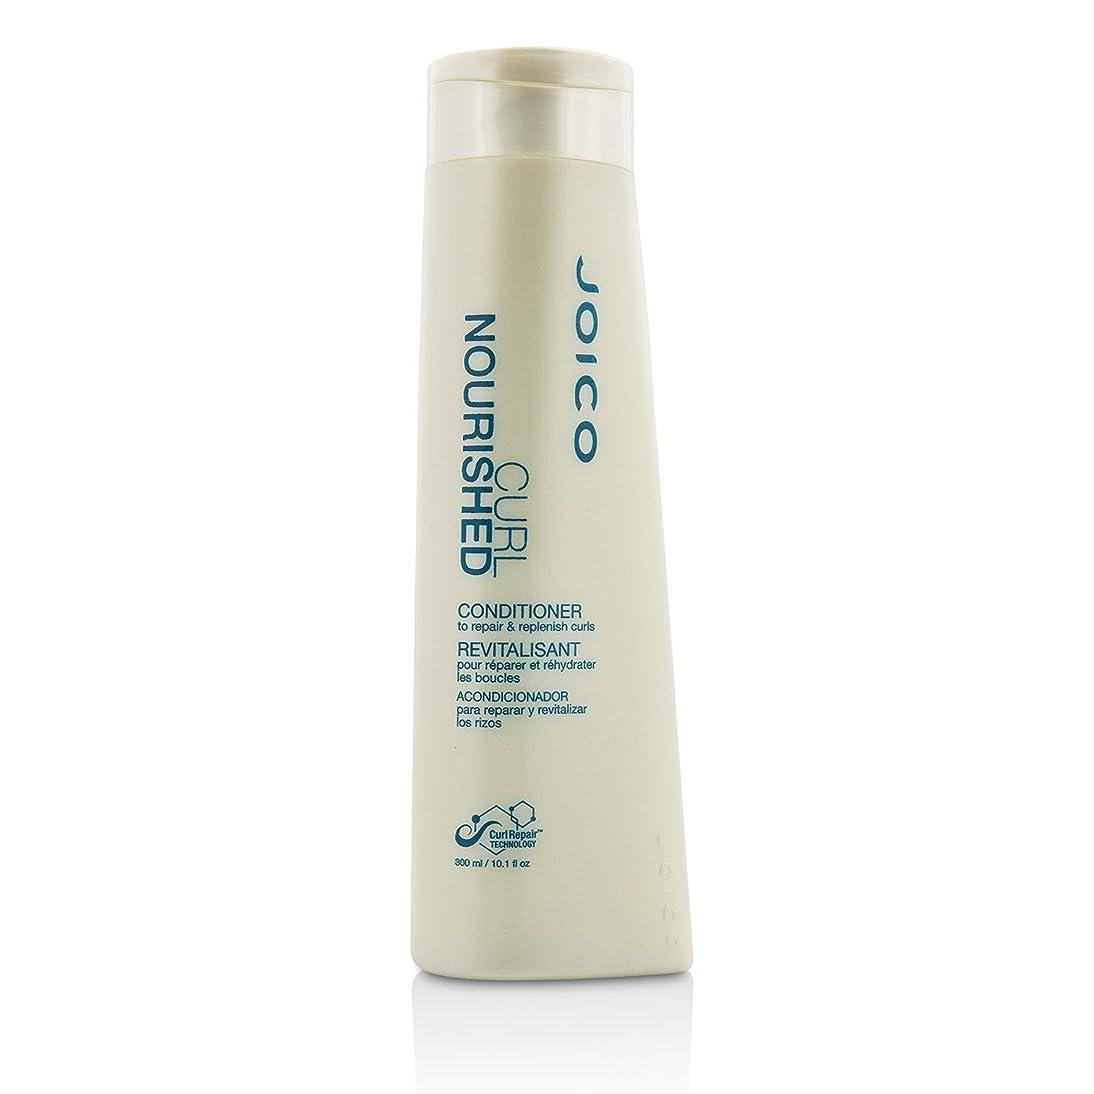 ジョイコ Curl Nourished Conditioner (To Repair & Nourish Curls) 300ml/10.1oz並行輸入品